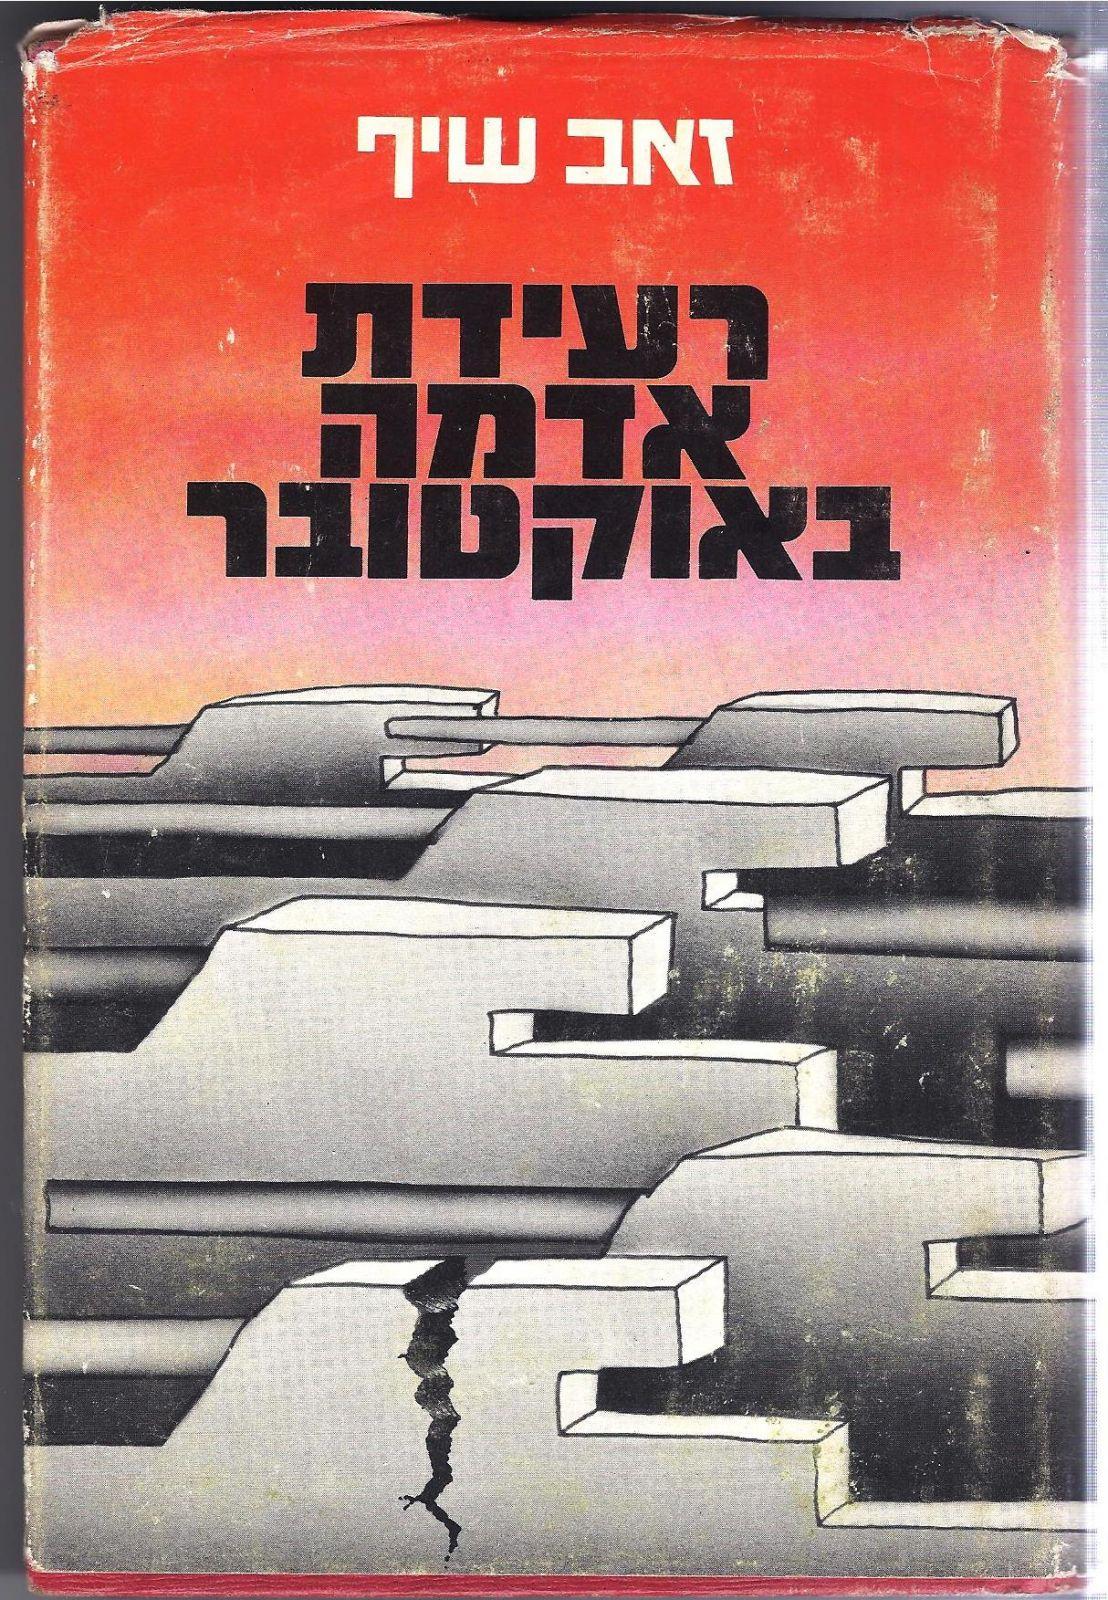 """שער הספר """"רעידת אדמה באוקטובר"""" של זאב שיף, עיצוב: קרמן/קרמן"""